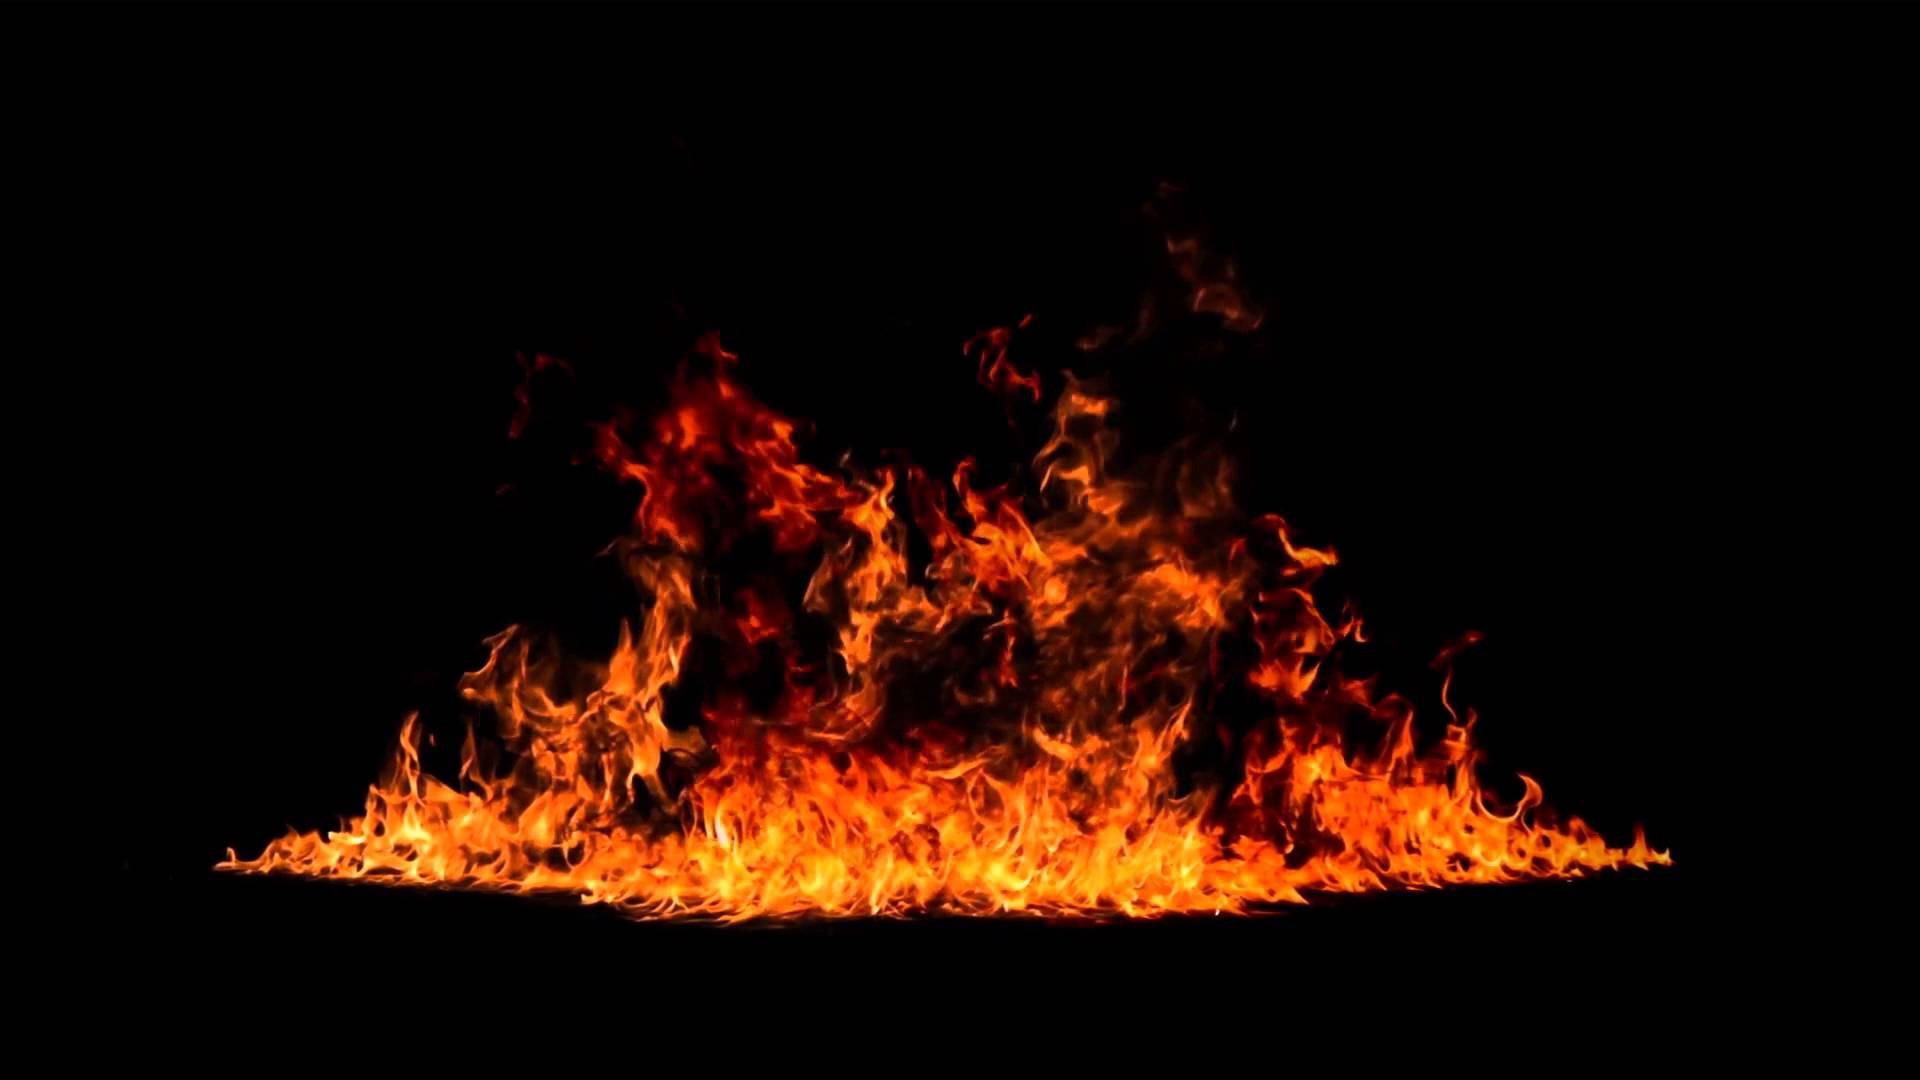 Požar smeti in odpadkov - Obvozna cesta 100